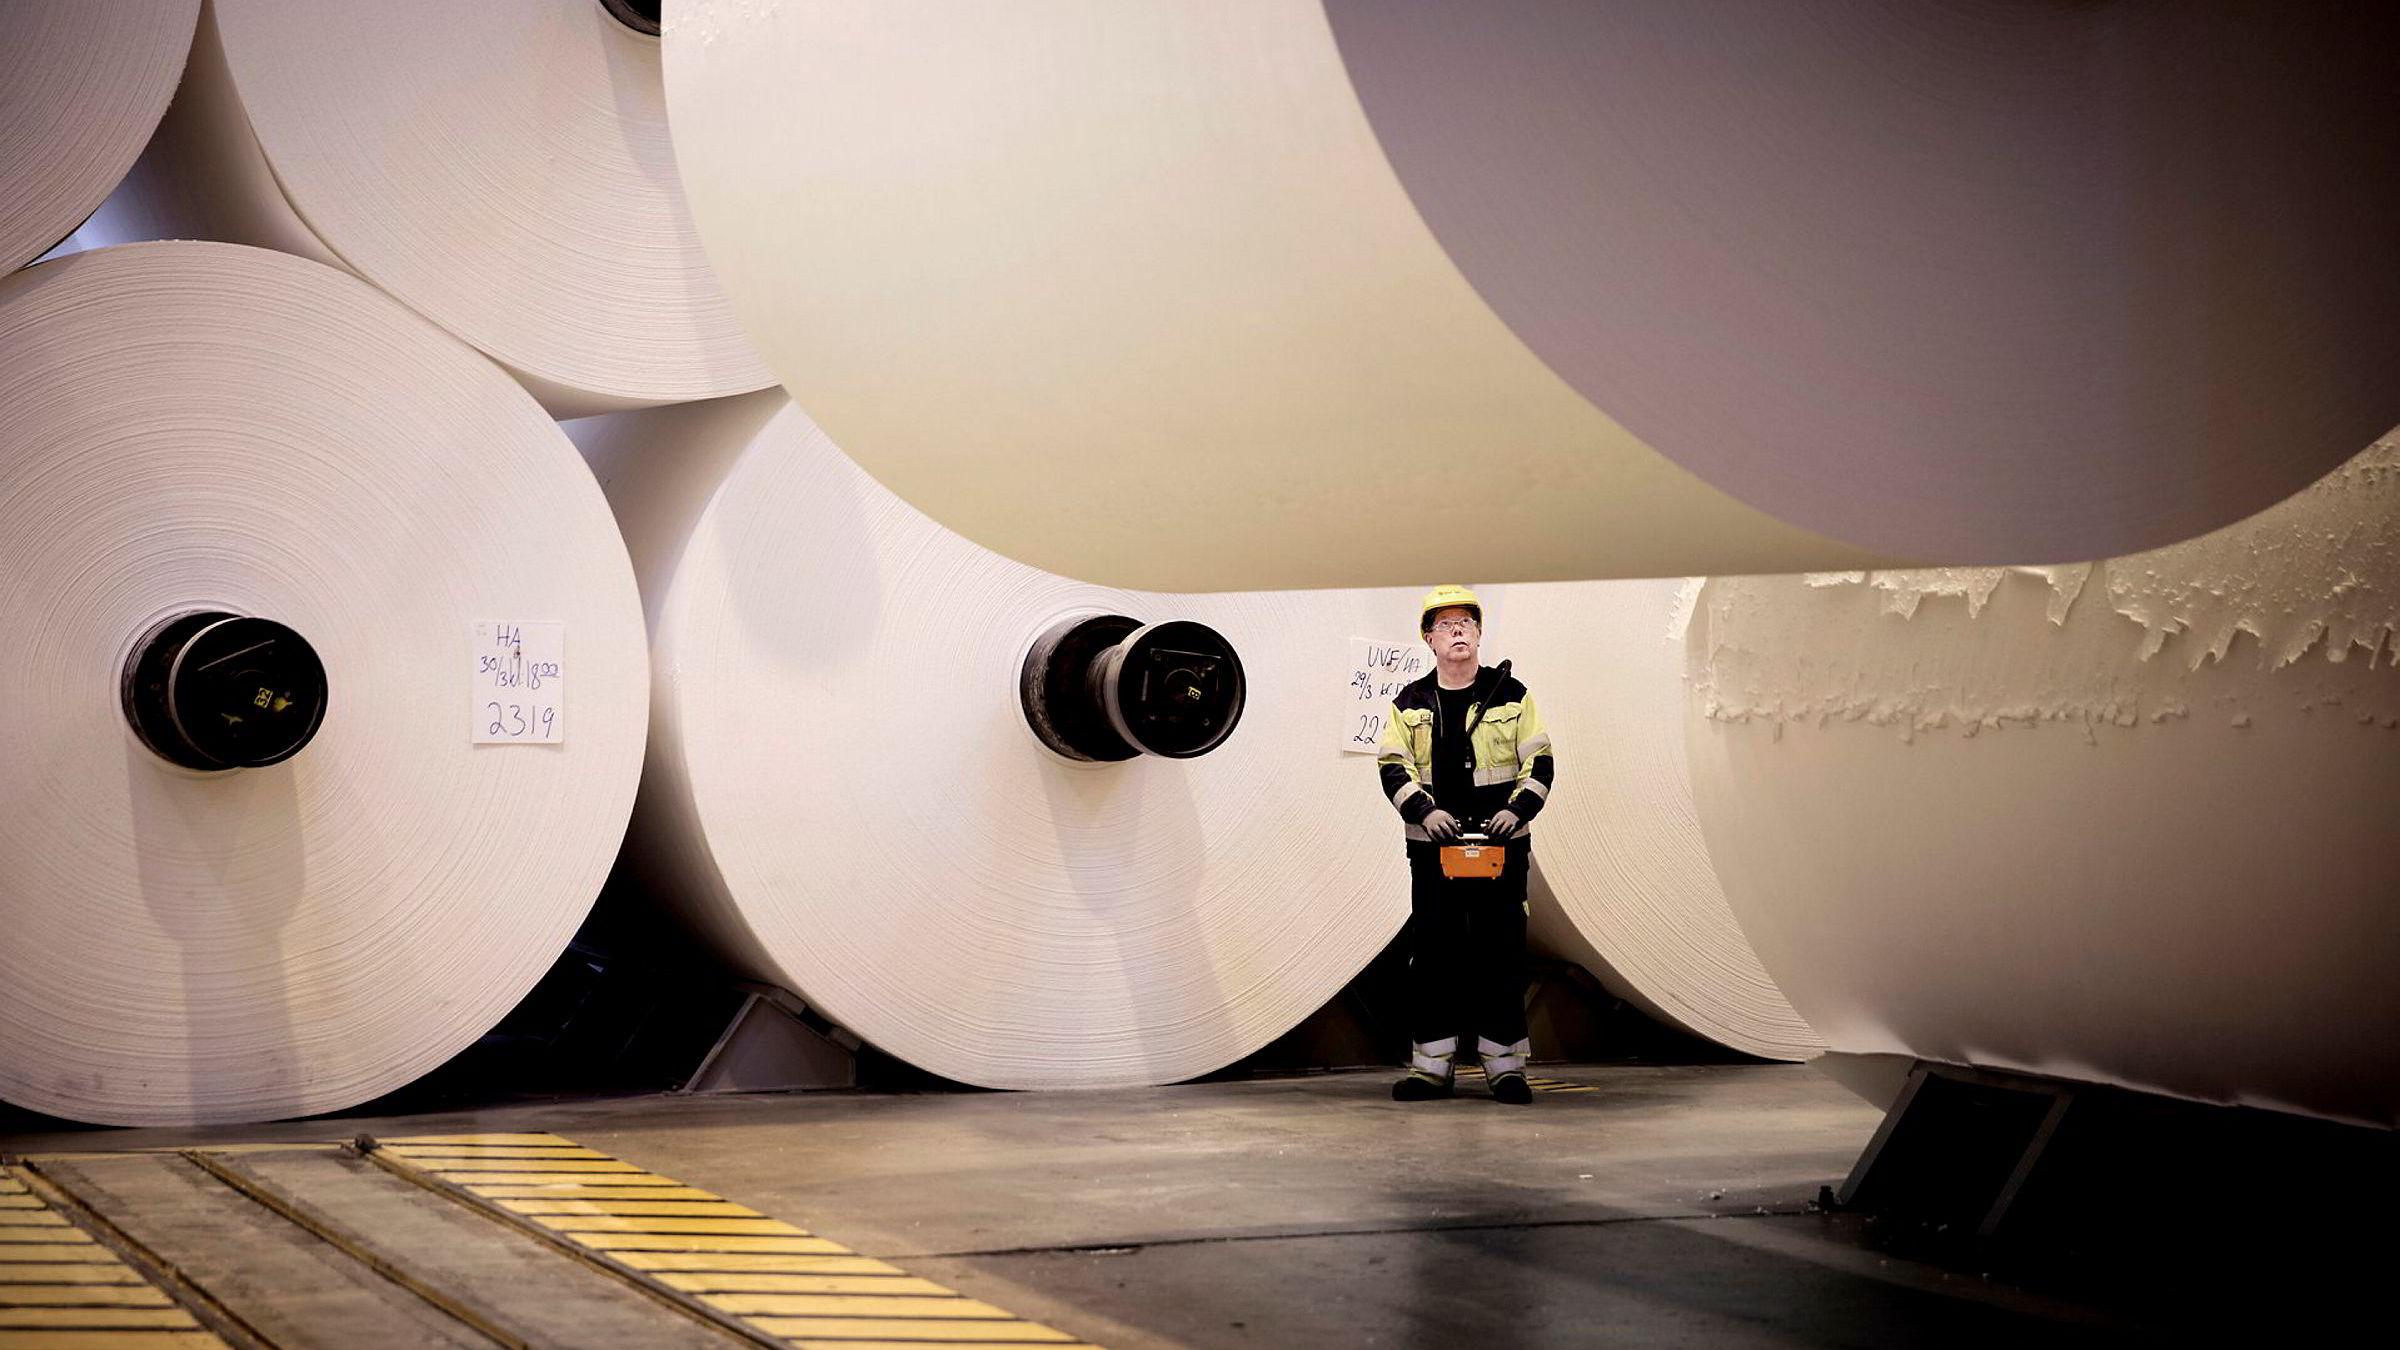 Kjell Steen (59) styrer kranen som løfter 20 tonns ruller med cellulose. Dette er en av få arbeider som fortsatt gjøres manuelt på Borregaards fabrikker i Sarpsborg.